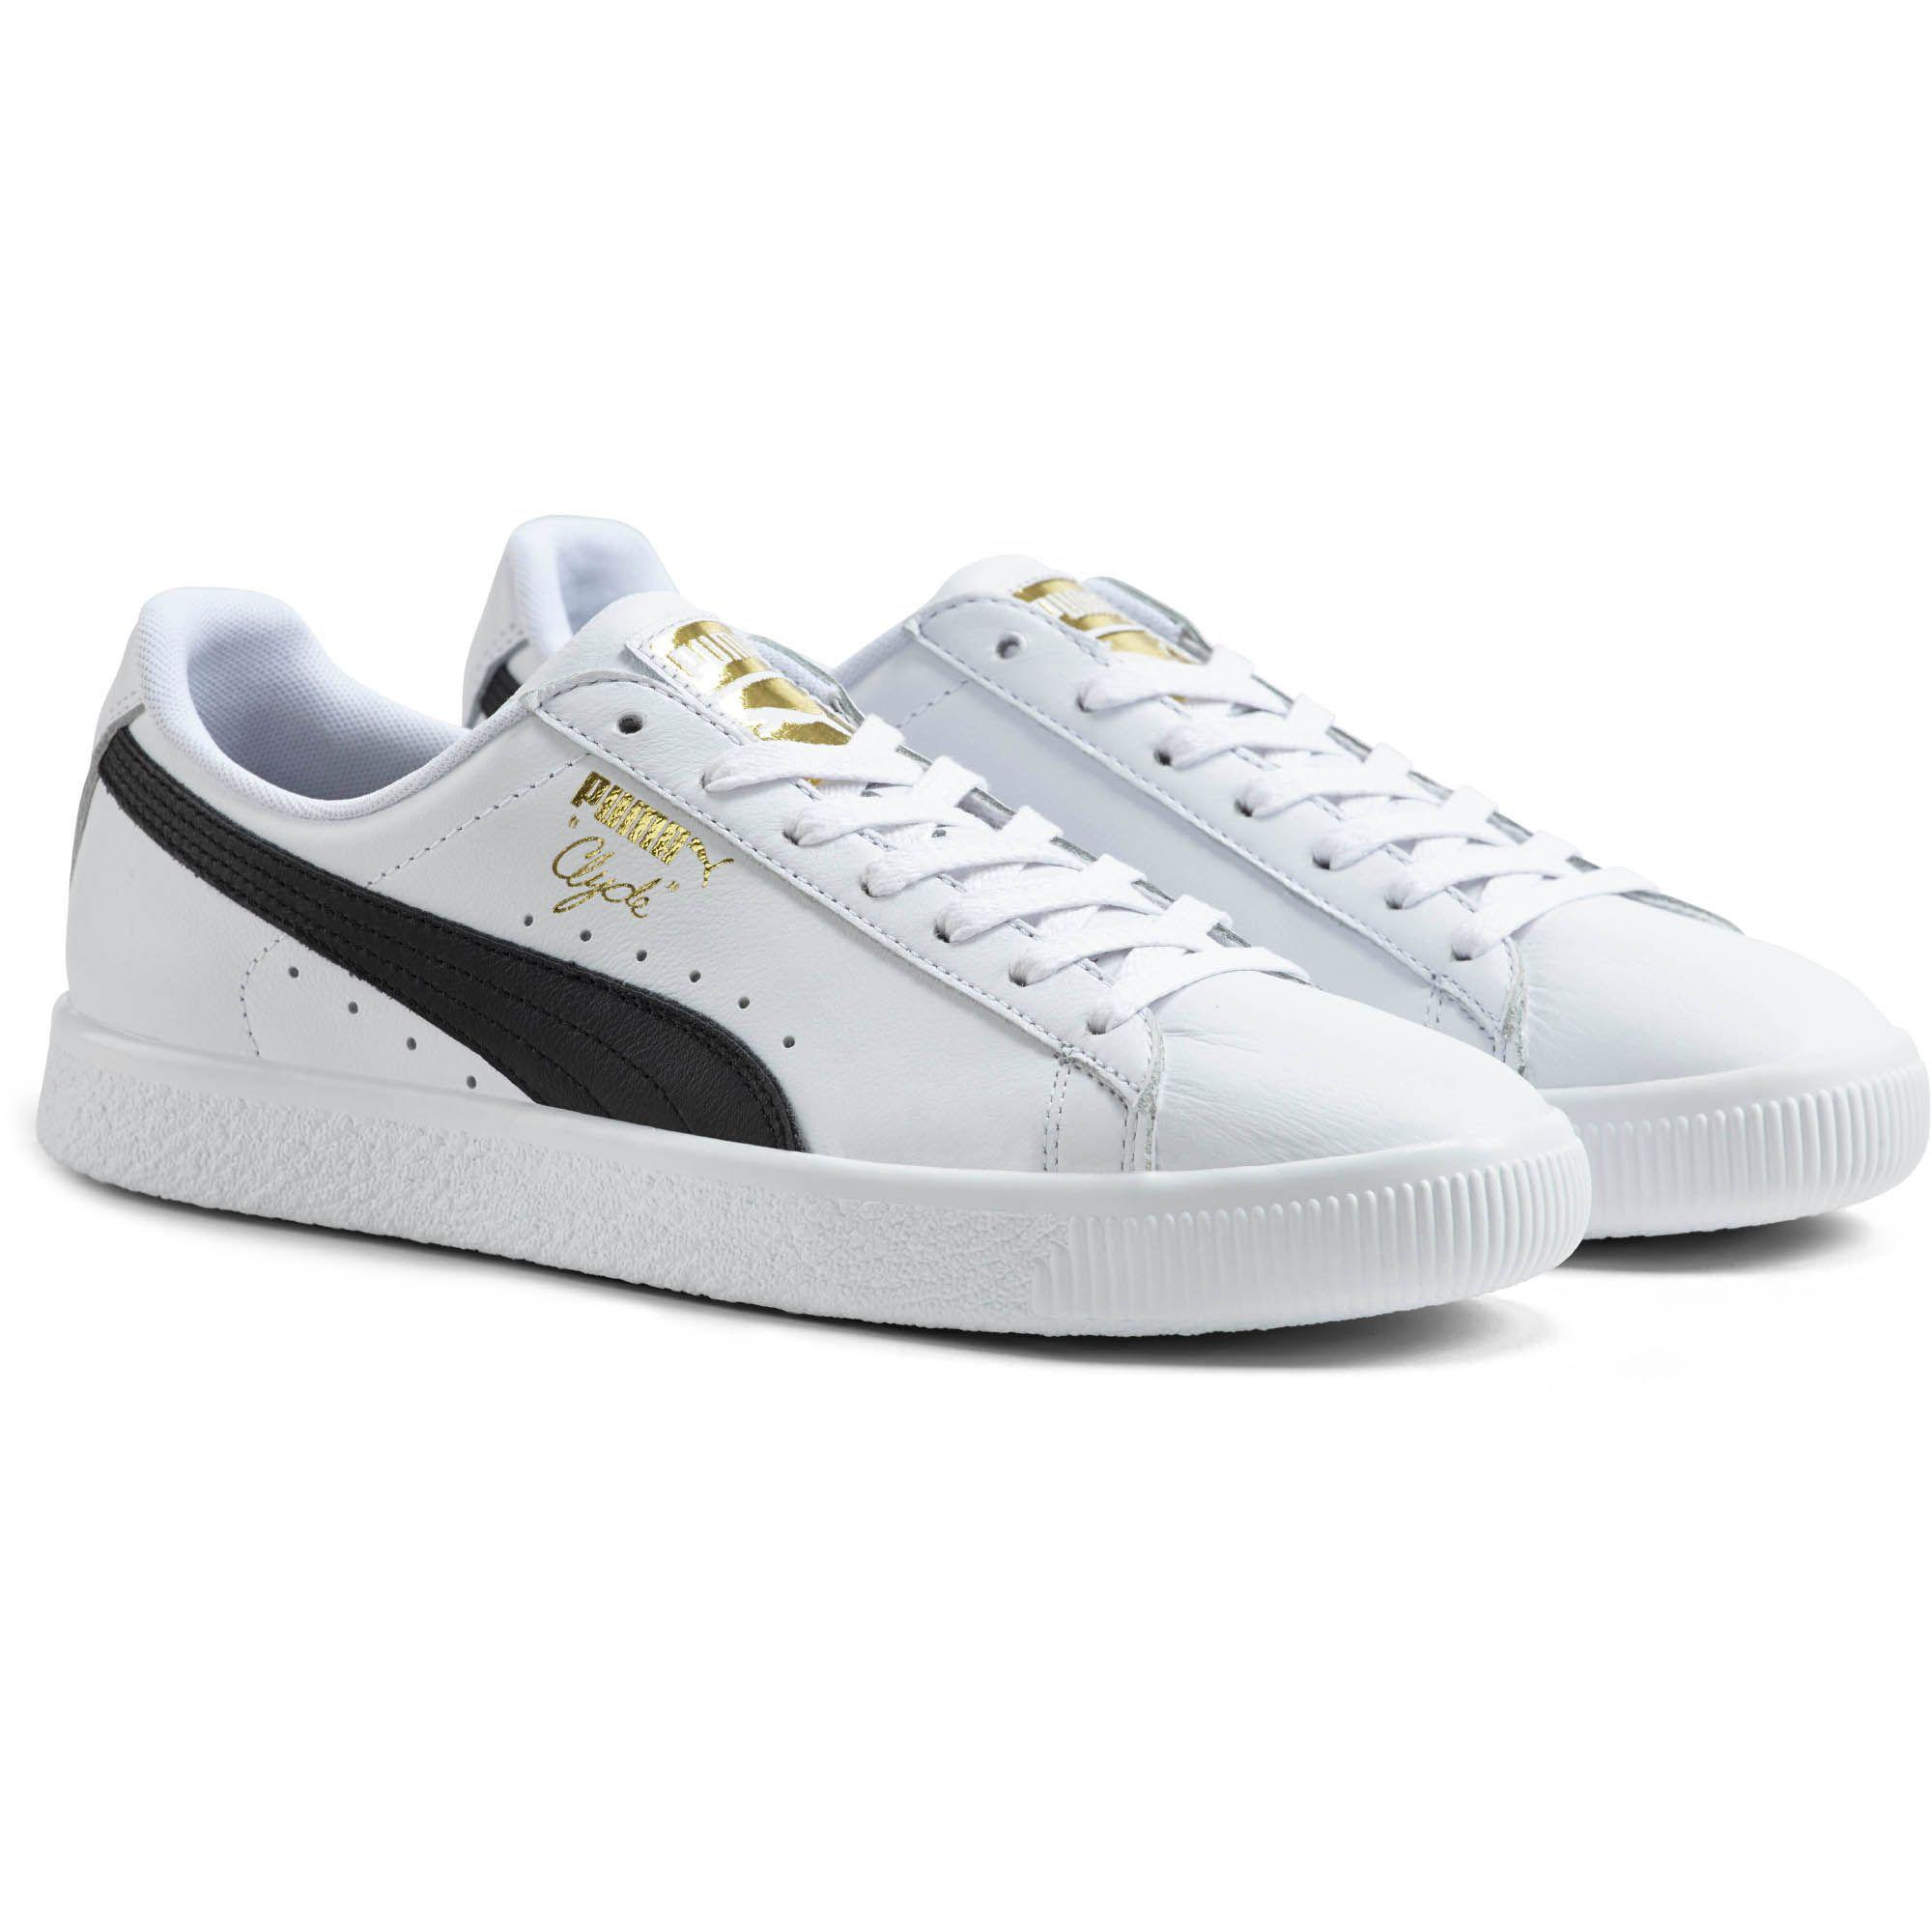 e6e2db0597fc02 Lyst - PUMA Clyde Core Foil Men s Sneakers in White for Men - Save 21%